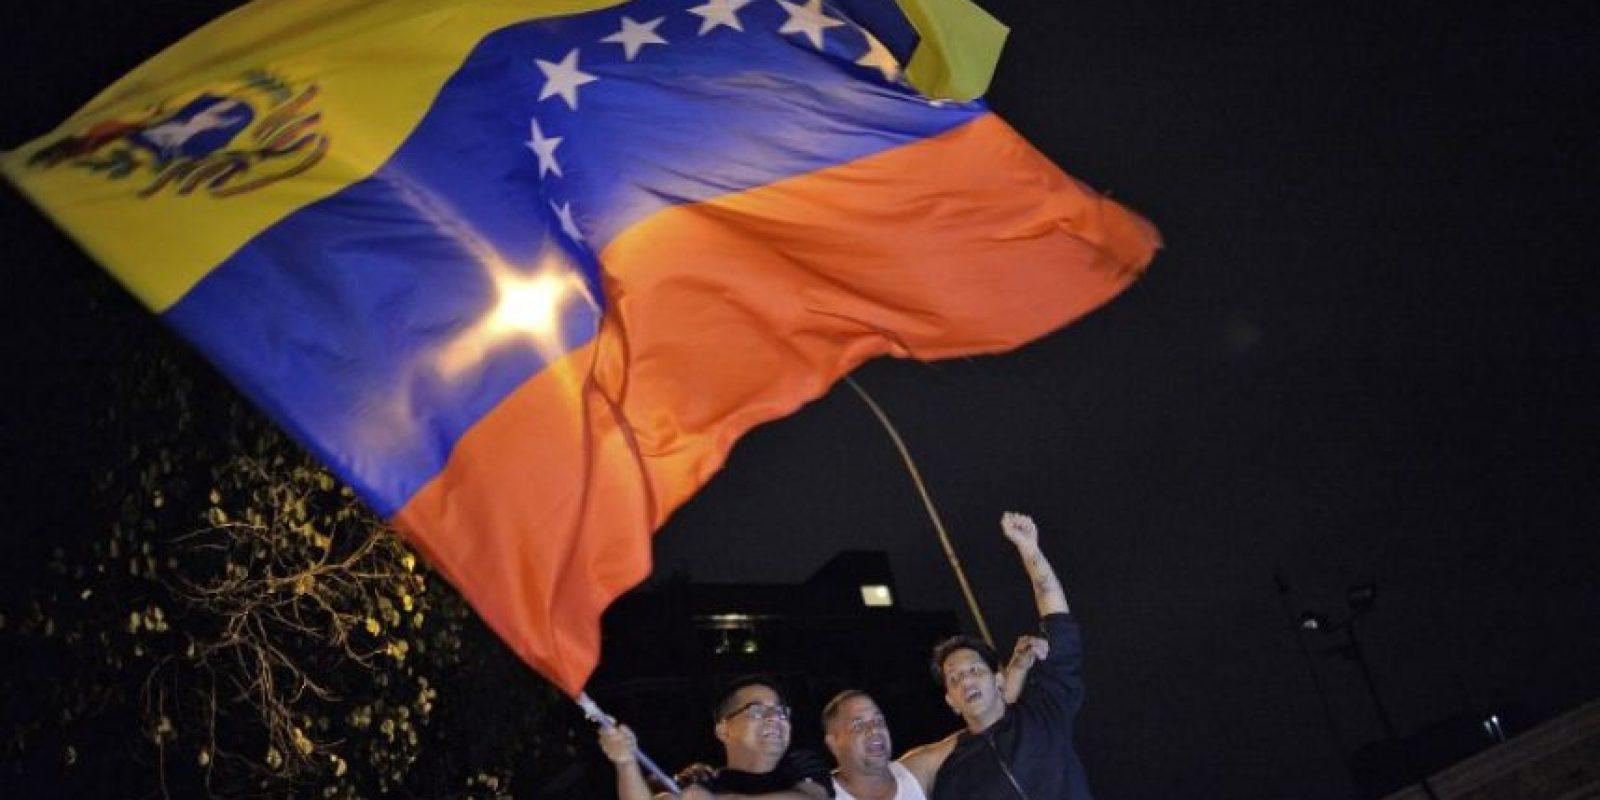 El Fondo Monetario Internacional estimó que Venezuela cerrará con el 158.1% de inflación, en abril de este año y que se espera llegue al 204.1% en 2016. Foto:AFP